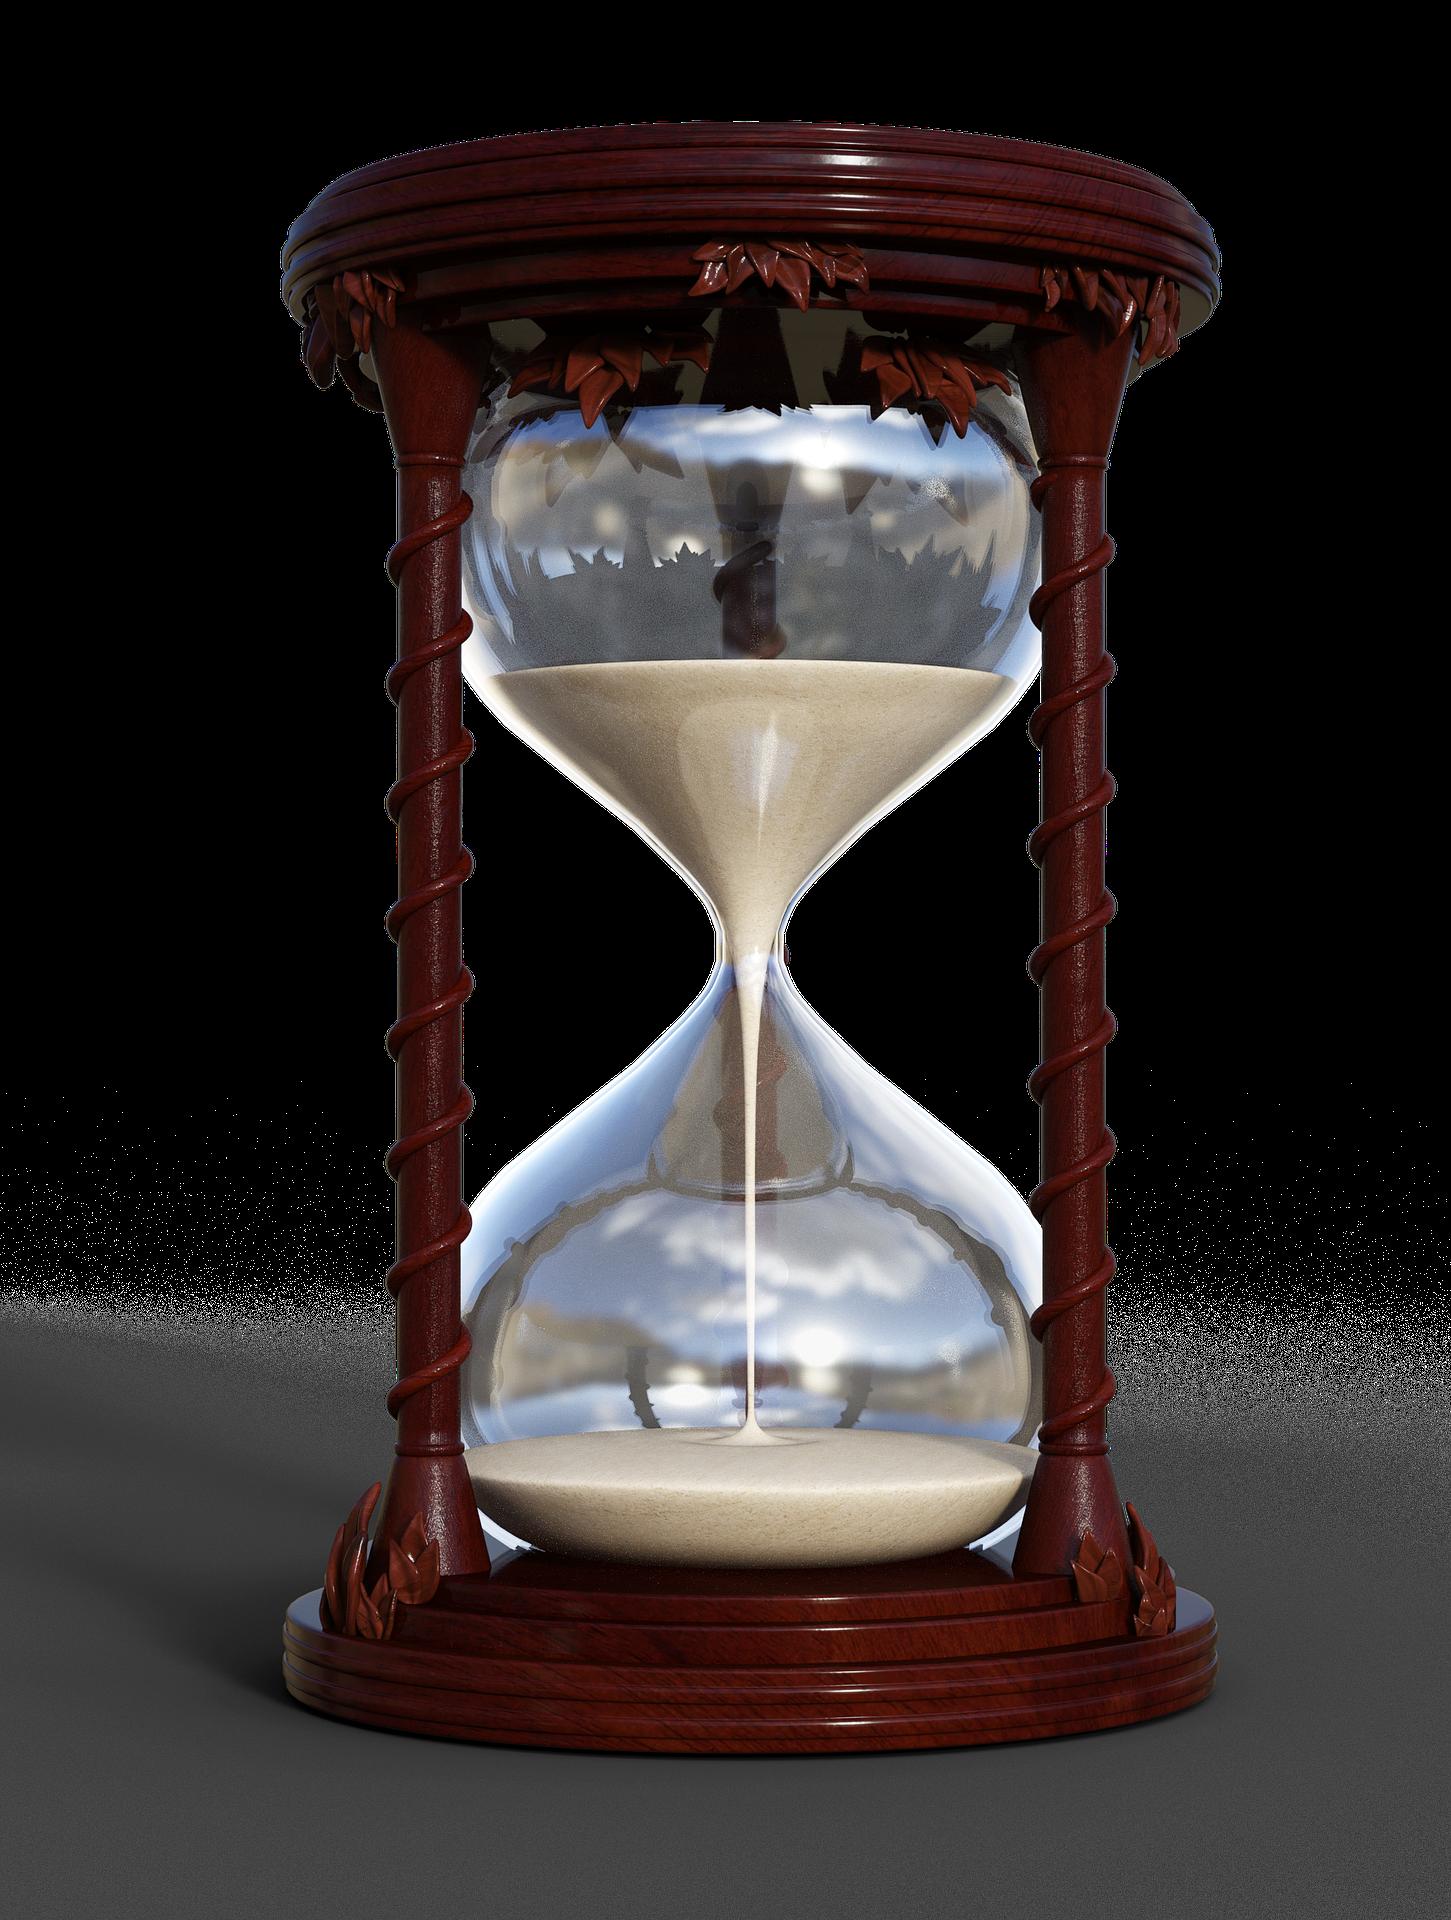 hourglass-3257907_1920